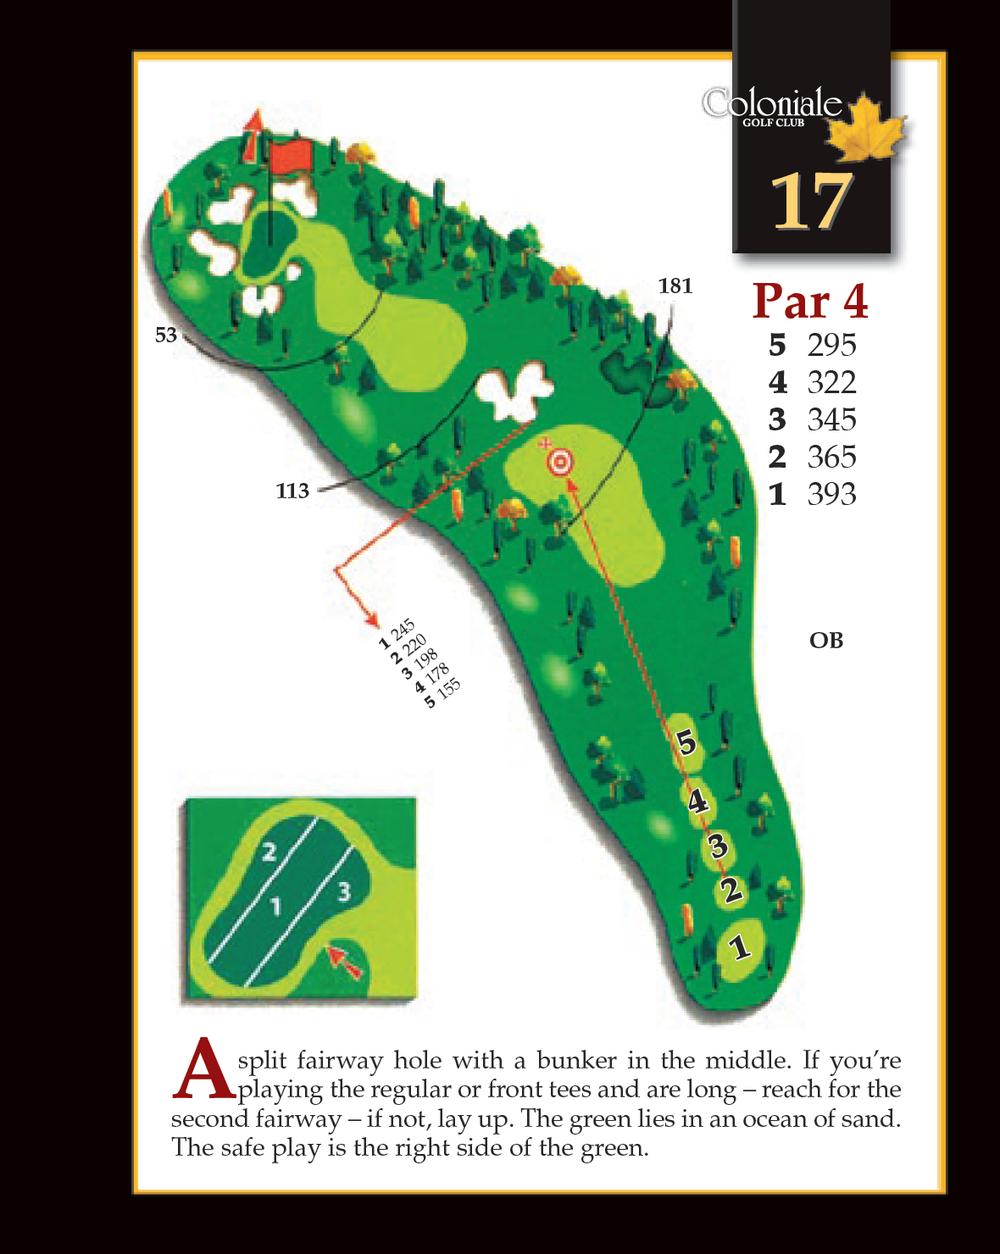 Coloniale Golf Scorecard Edmonton Beaumont - Hole 17